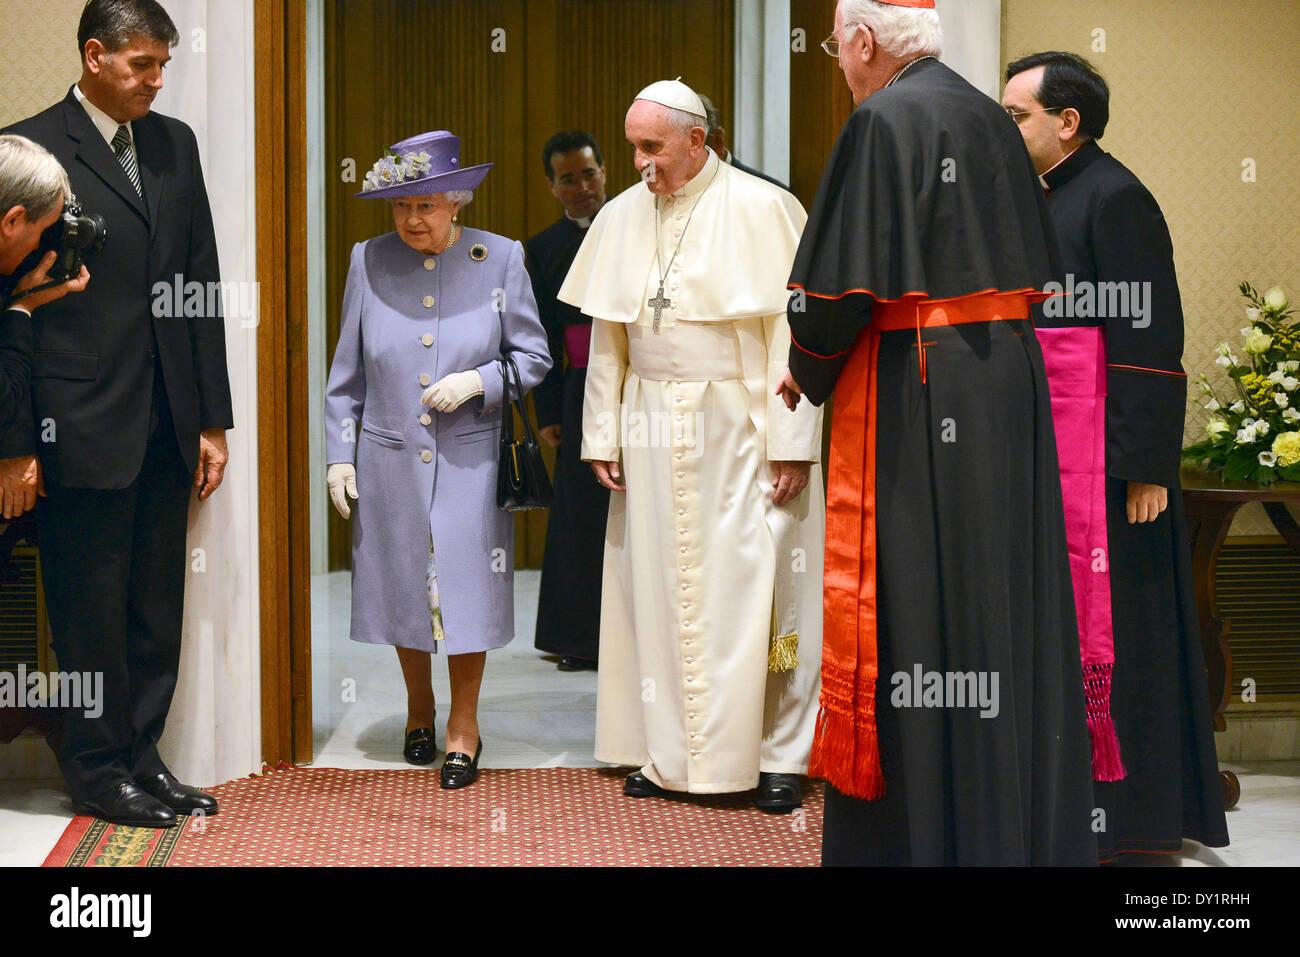 Vaticano Roma Il 3 Aprile 2014 Citta Del Vaticano Aula Paolo Vi Lo Studio Privato Il Santo Padre Francesco Papa Incontra La Regina Del Regno Unito Elisabetta Ii D Inghilterra Accompagnata Dal Principe